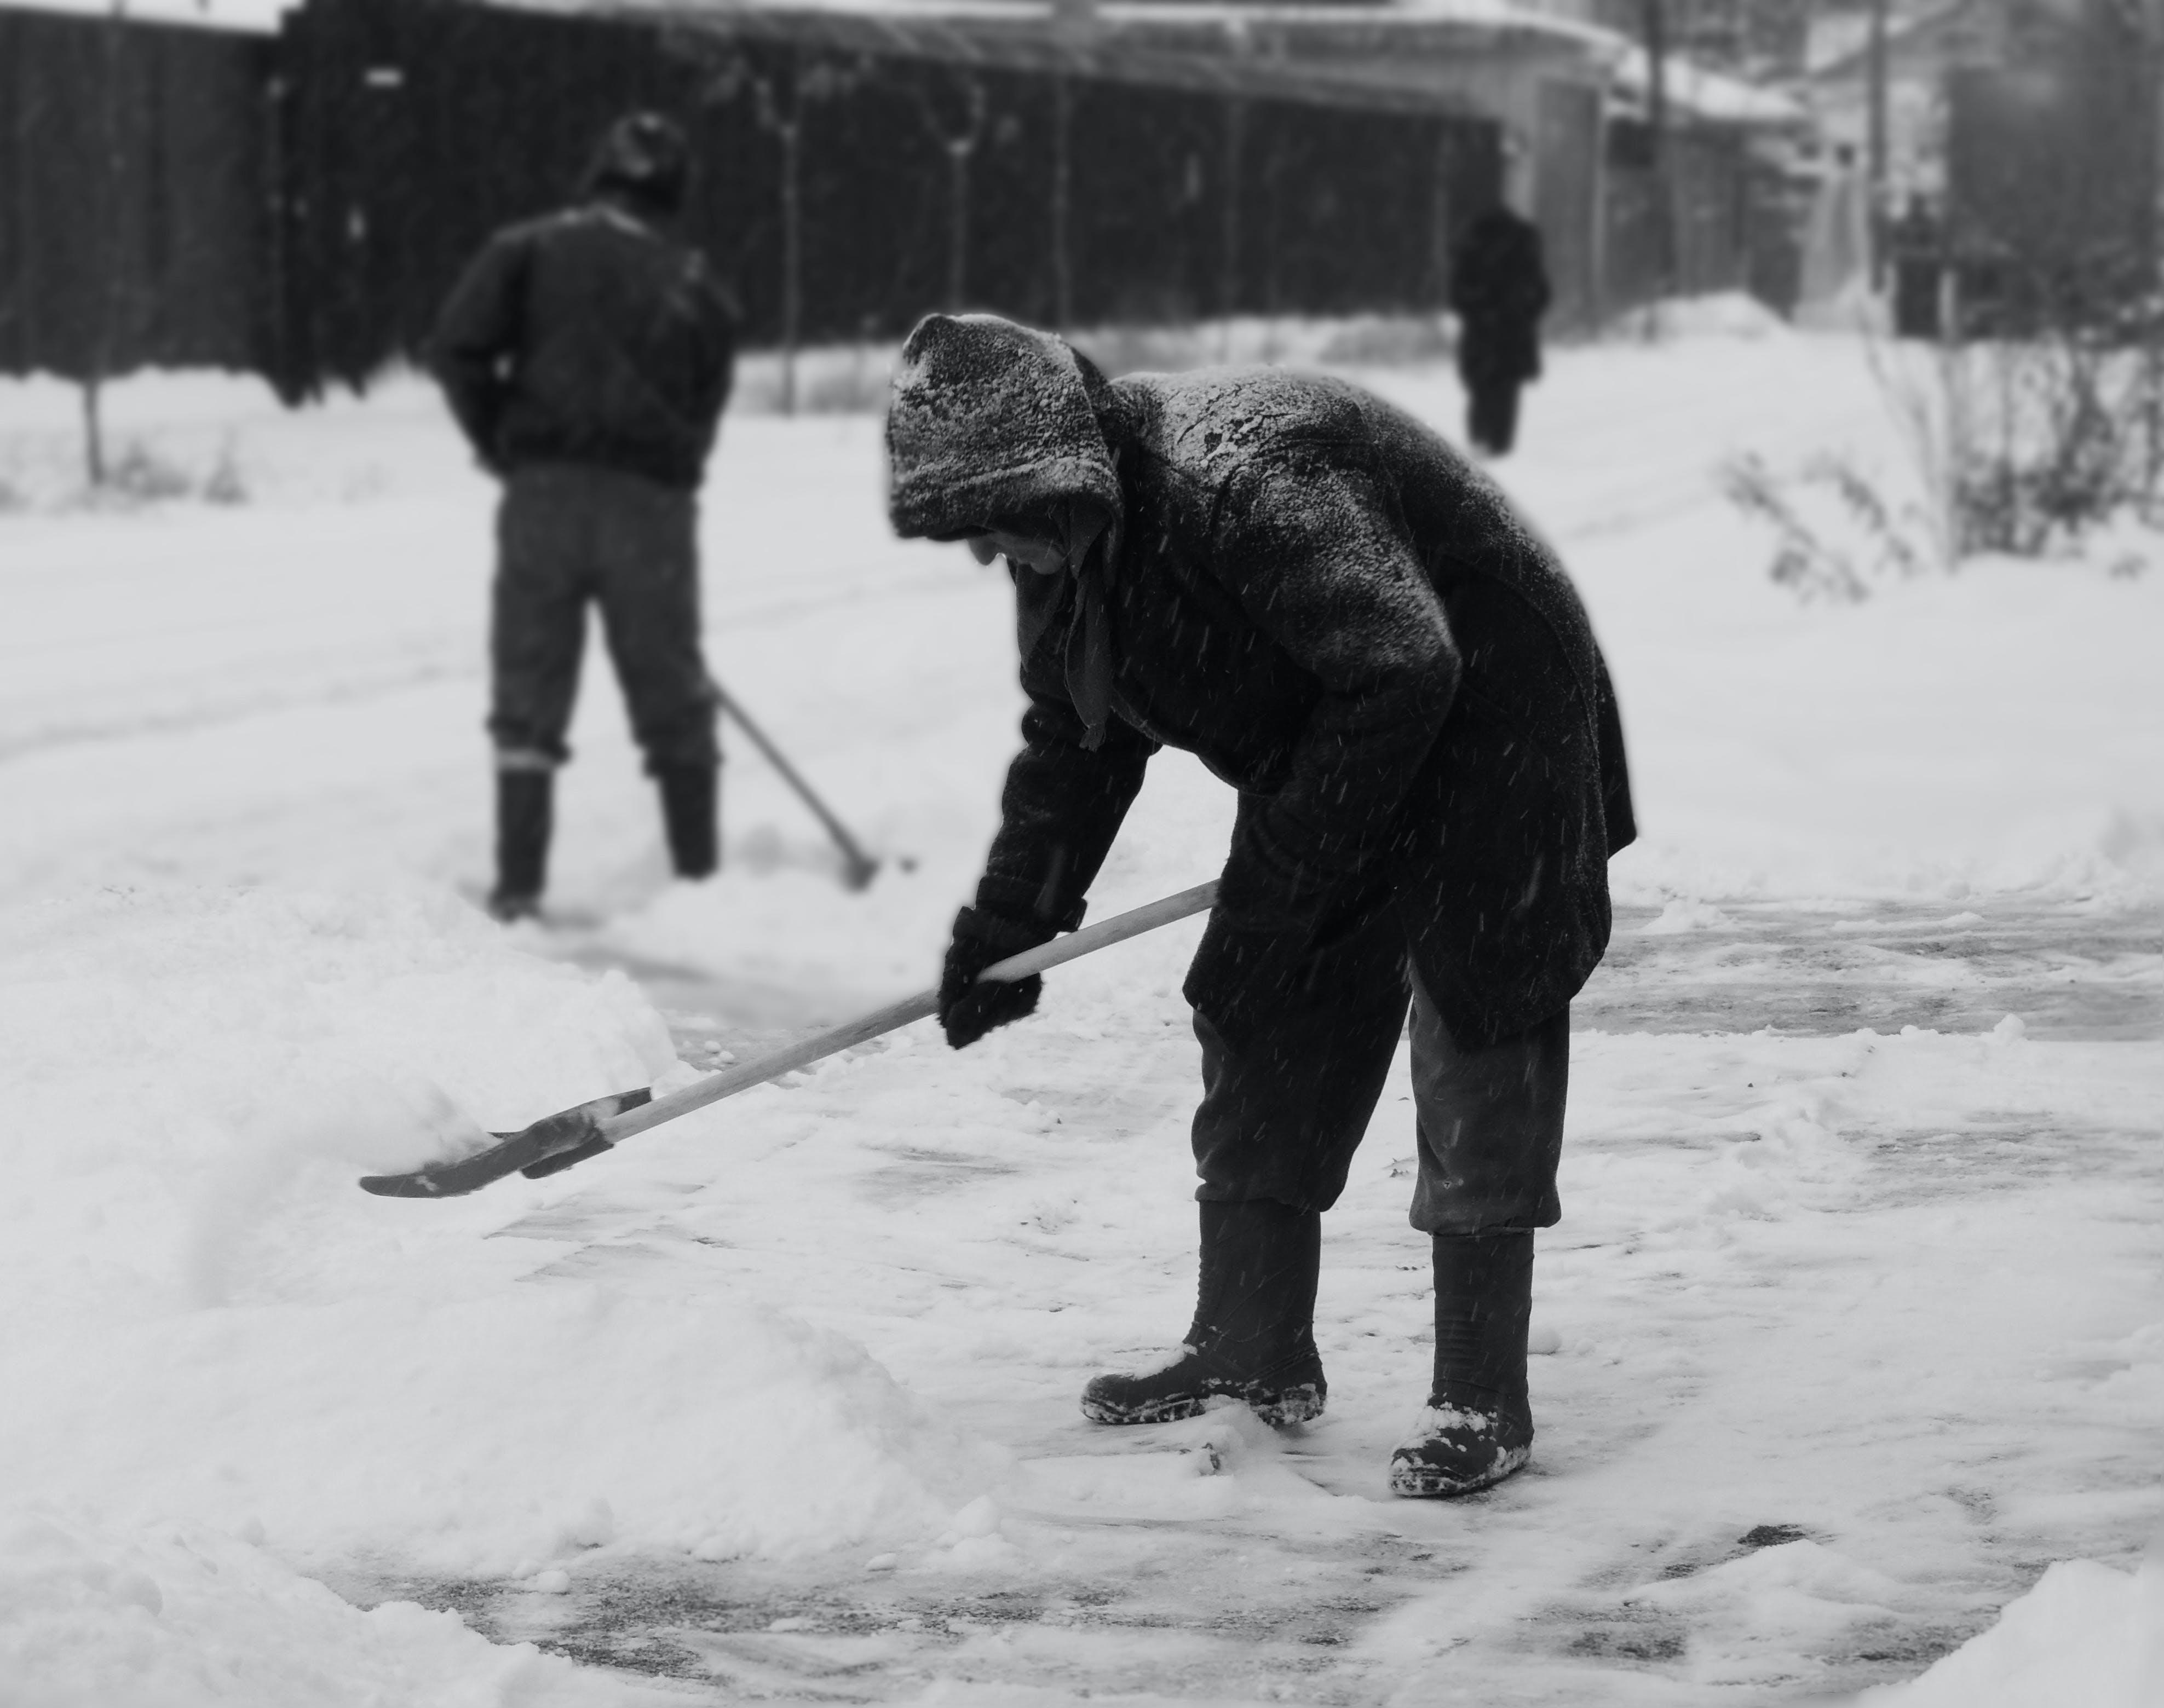 Kostenloses Stock Foto zu arbeit, menschen, schnee, schwarz